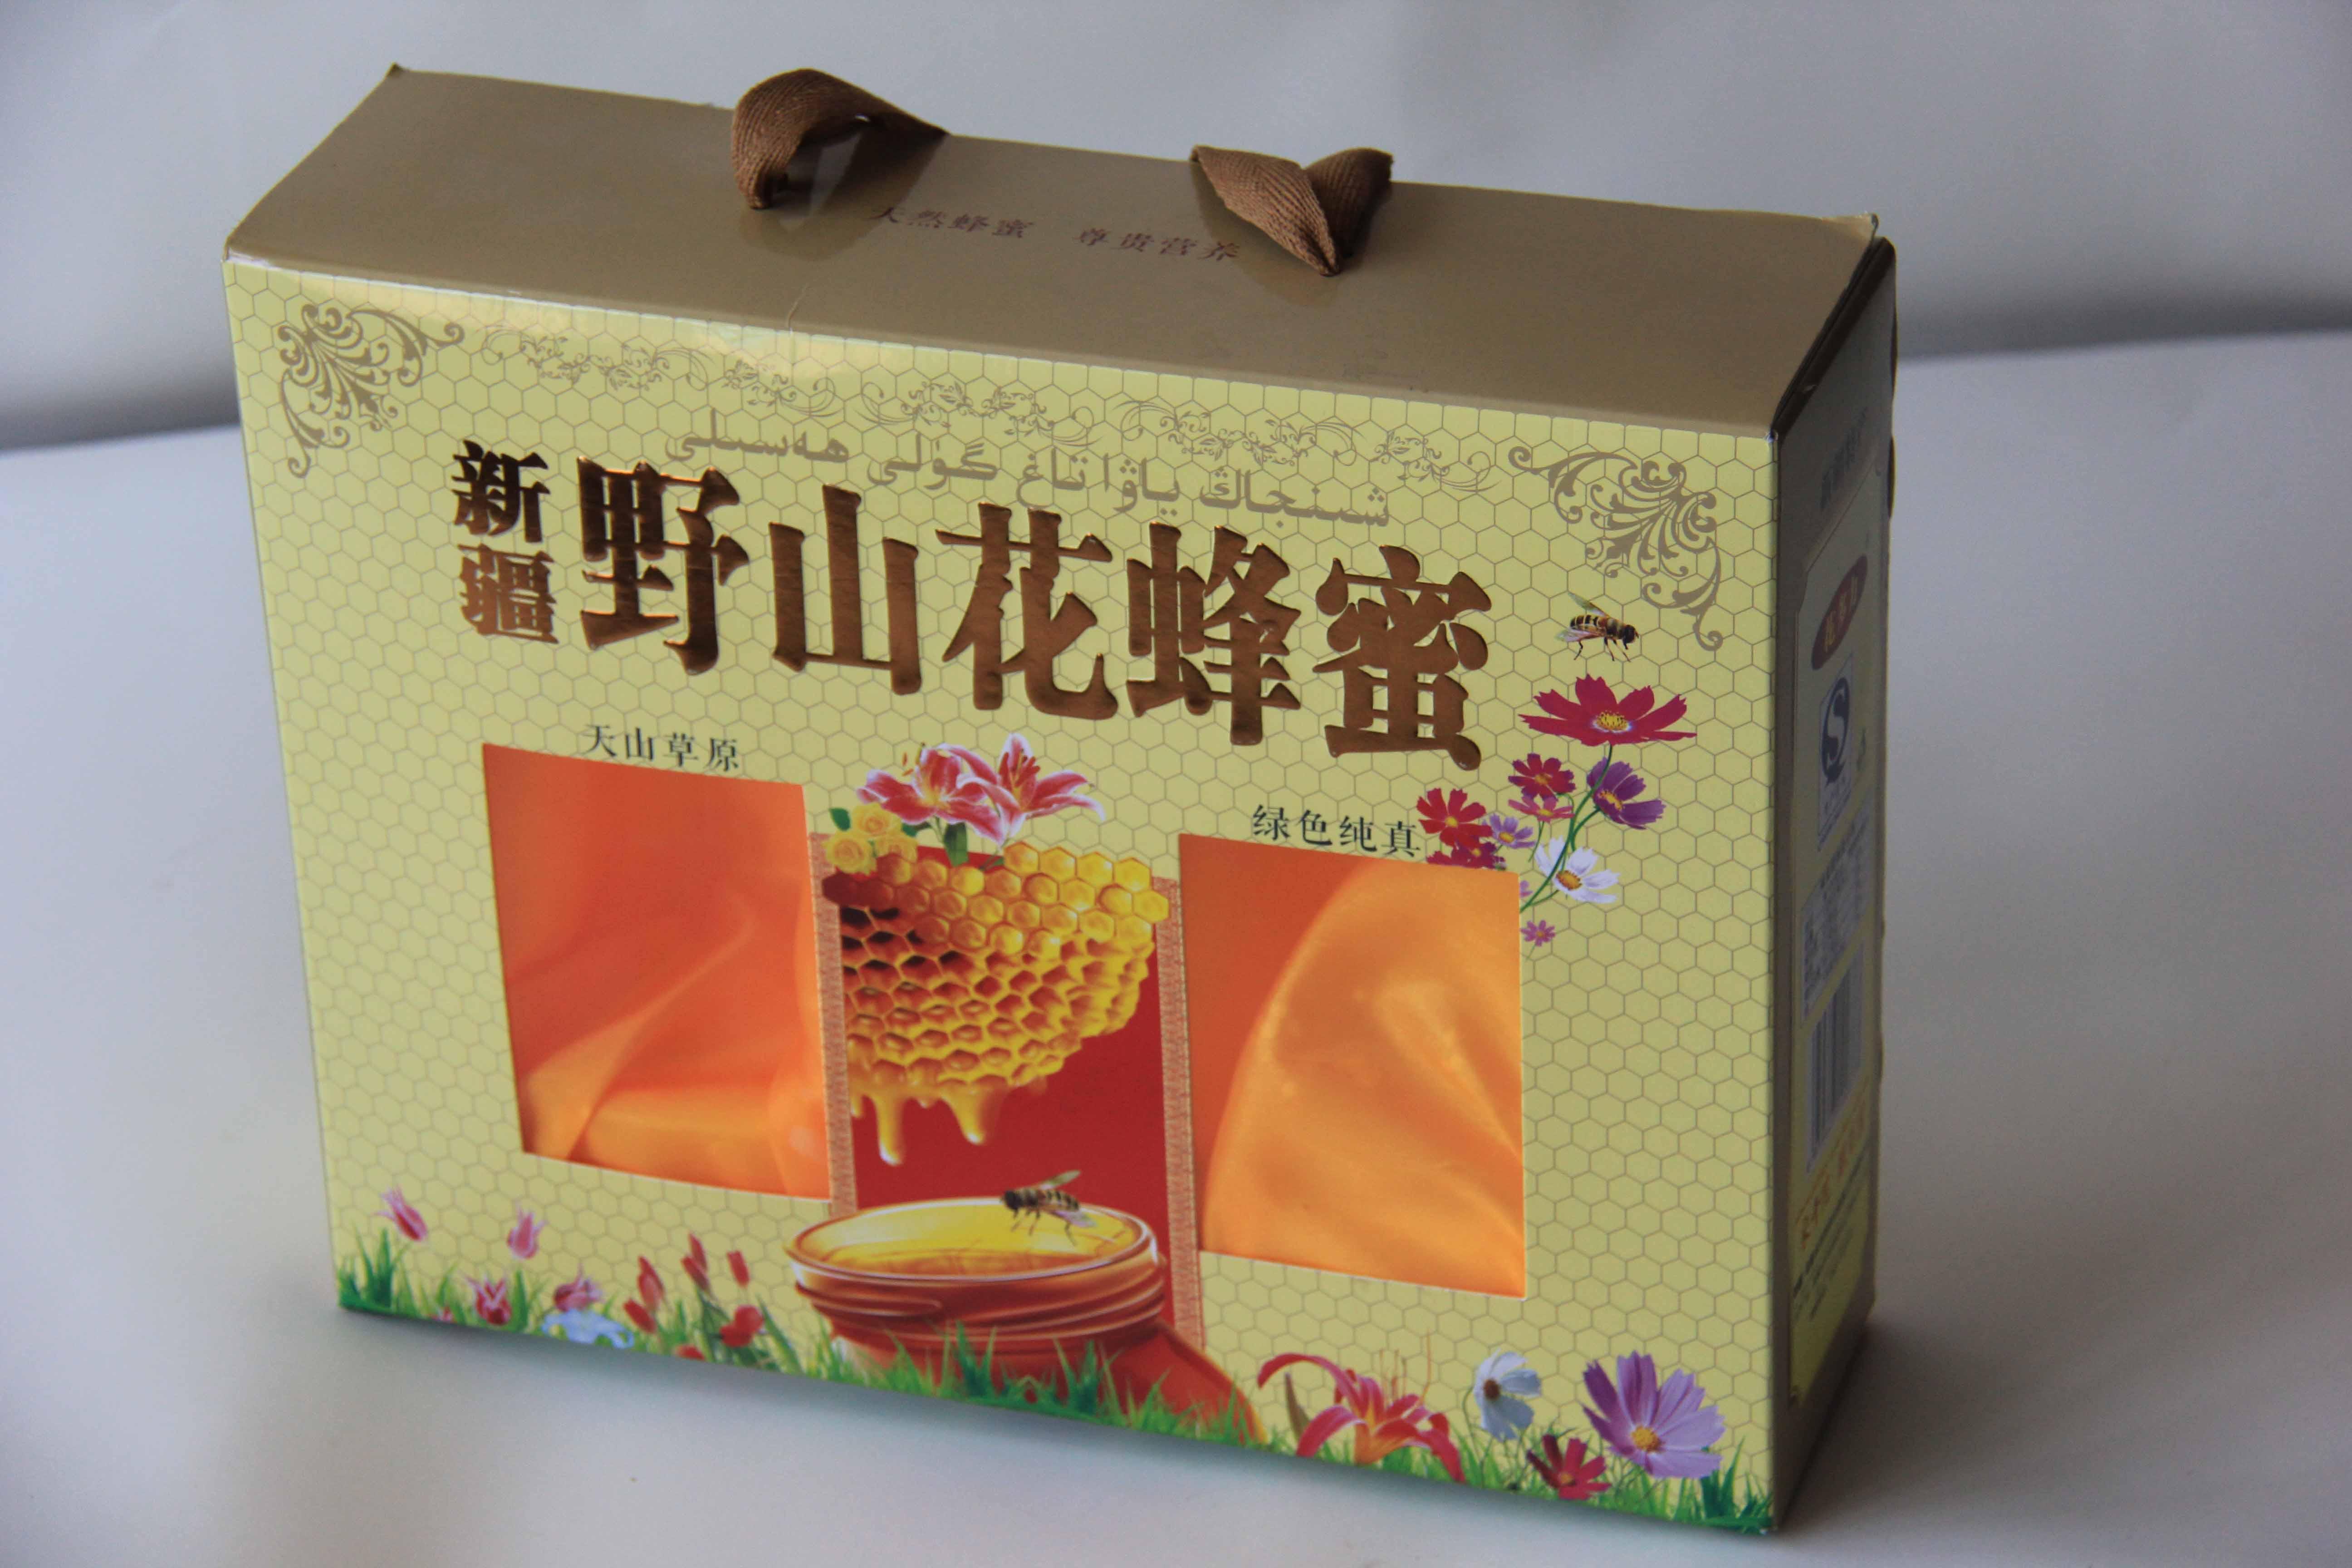 彩色盒子包装